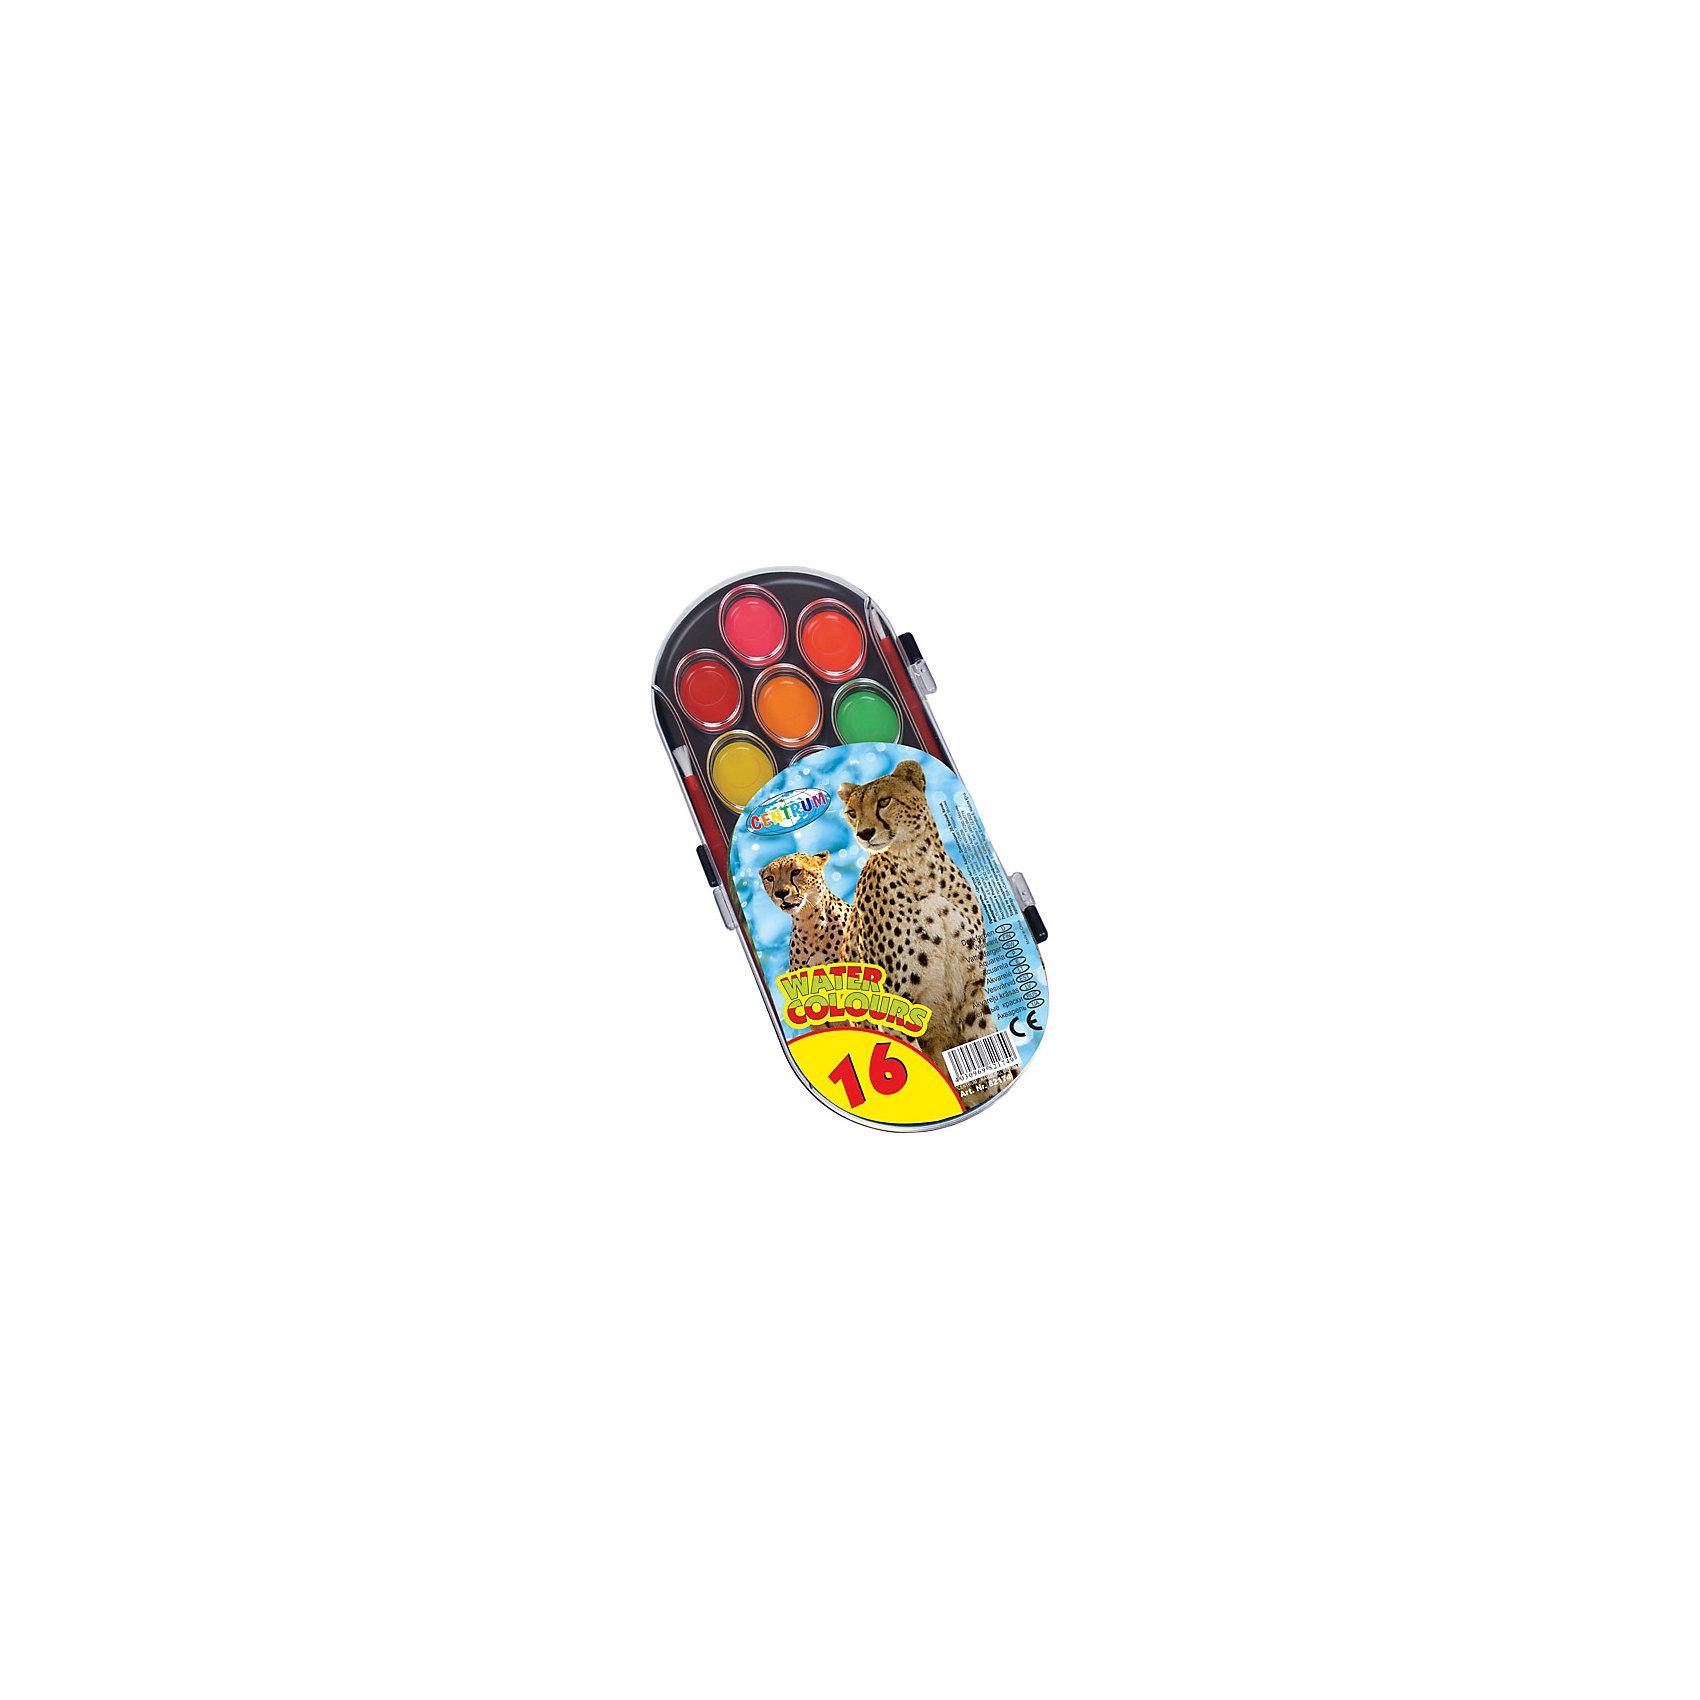 Акварель медовая 16 цветовАкварель<br>Акварель медовая 16 цветов<br><br>Характеристики:<br><br>- в набор входит: краски, кисть<br>- размер упаковки: 10 * 1 * 21 см.<br>- для детей в возрасте: от 3 до 10 лет<br>- страна производитель: Китай<br><br>Целый набор ярких акварельных красок из коллекции «Зоопарк» от немецкого бренда Centrum (Центрум) понравится как девочкам, так и мальчикам! Целых шестнадцать цветов, которые можно смешивать между собой позволят выполнить любой шедевр. Специальная формула красок хорошо отмывается от одежды и в тоже время позволяет цветам быть насыщенными на альбомном листе. Работая с краскам дети развивают творческие способности, аккуратность, моторику рук, усидчивость, восприятие цвета и логику смешивания цветов, выражают свой внутренний мир в рисунках. <br><br>Акварель медовая 16 цветов можно купить в нашем интернет-магазине.<br><br>Ширина мм: 15<br>Глубина мм: 210<br>Высота мм: 100<br>Вес г: 100<br>Возраст от месяцев: 36<br>Возраст до месяцев: 120<br>Пол: Унисекс<br>Возраст: Детский<br>SKU: 5175460